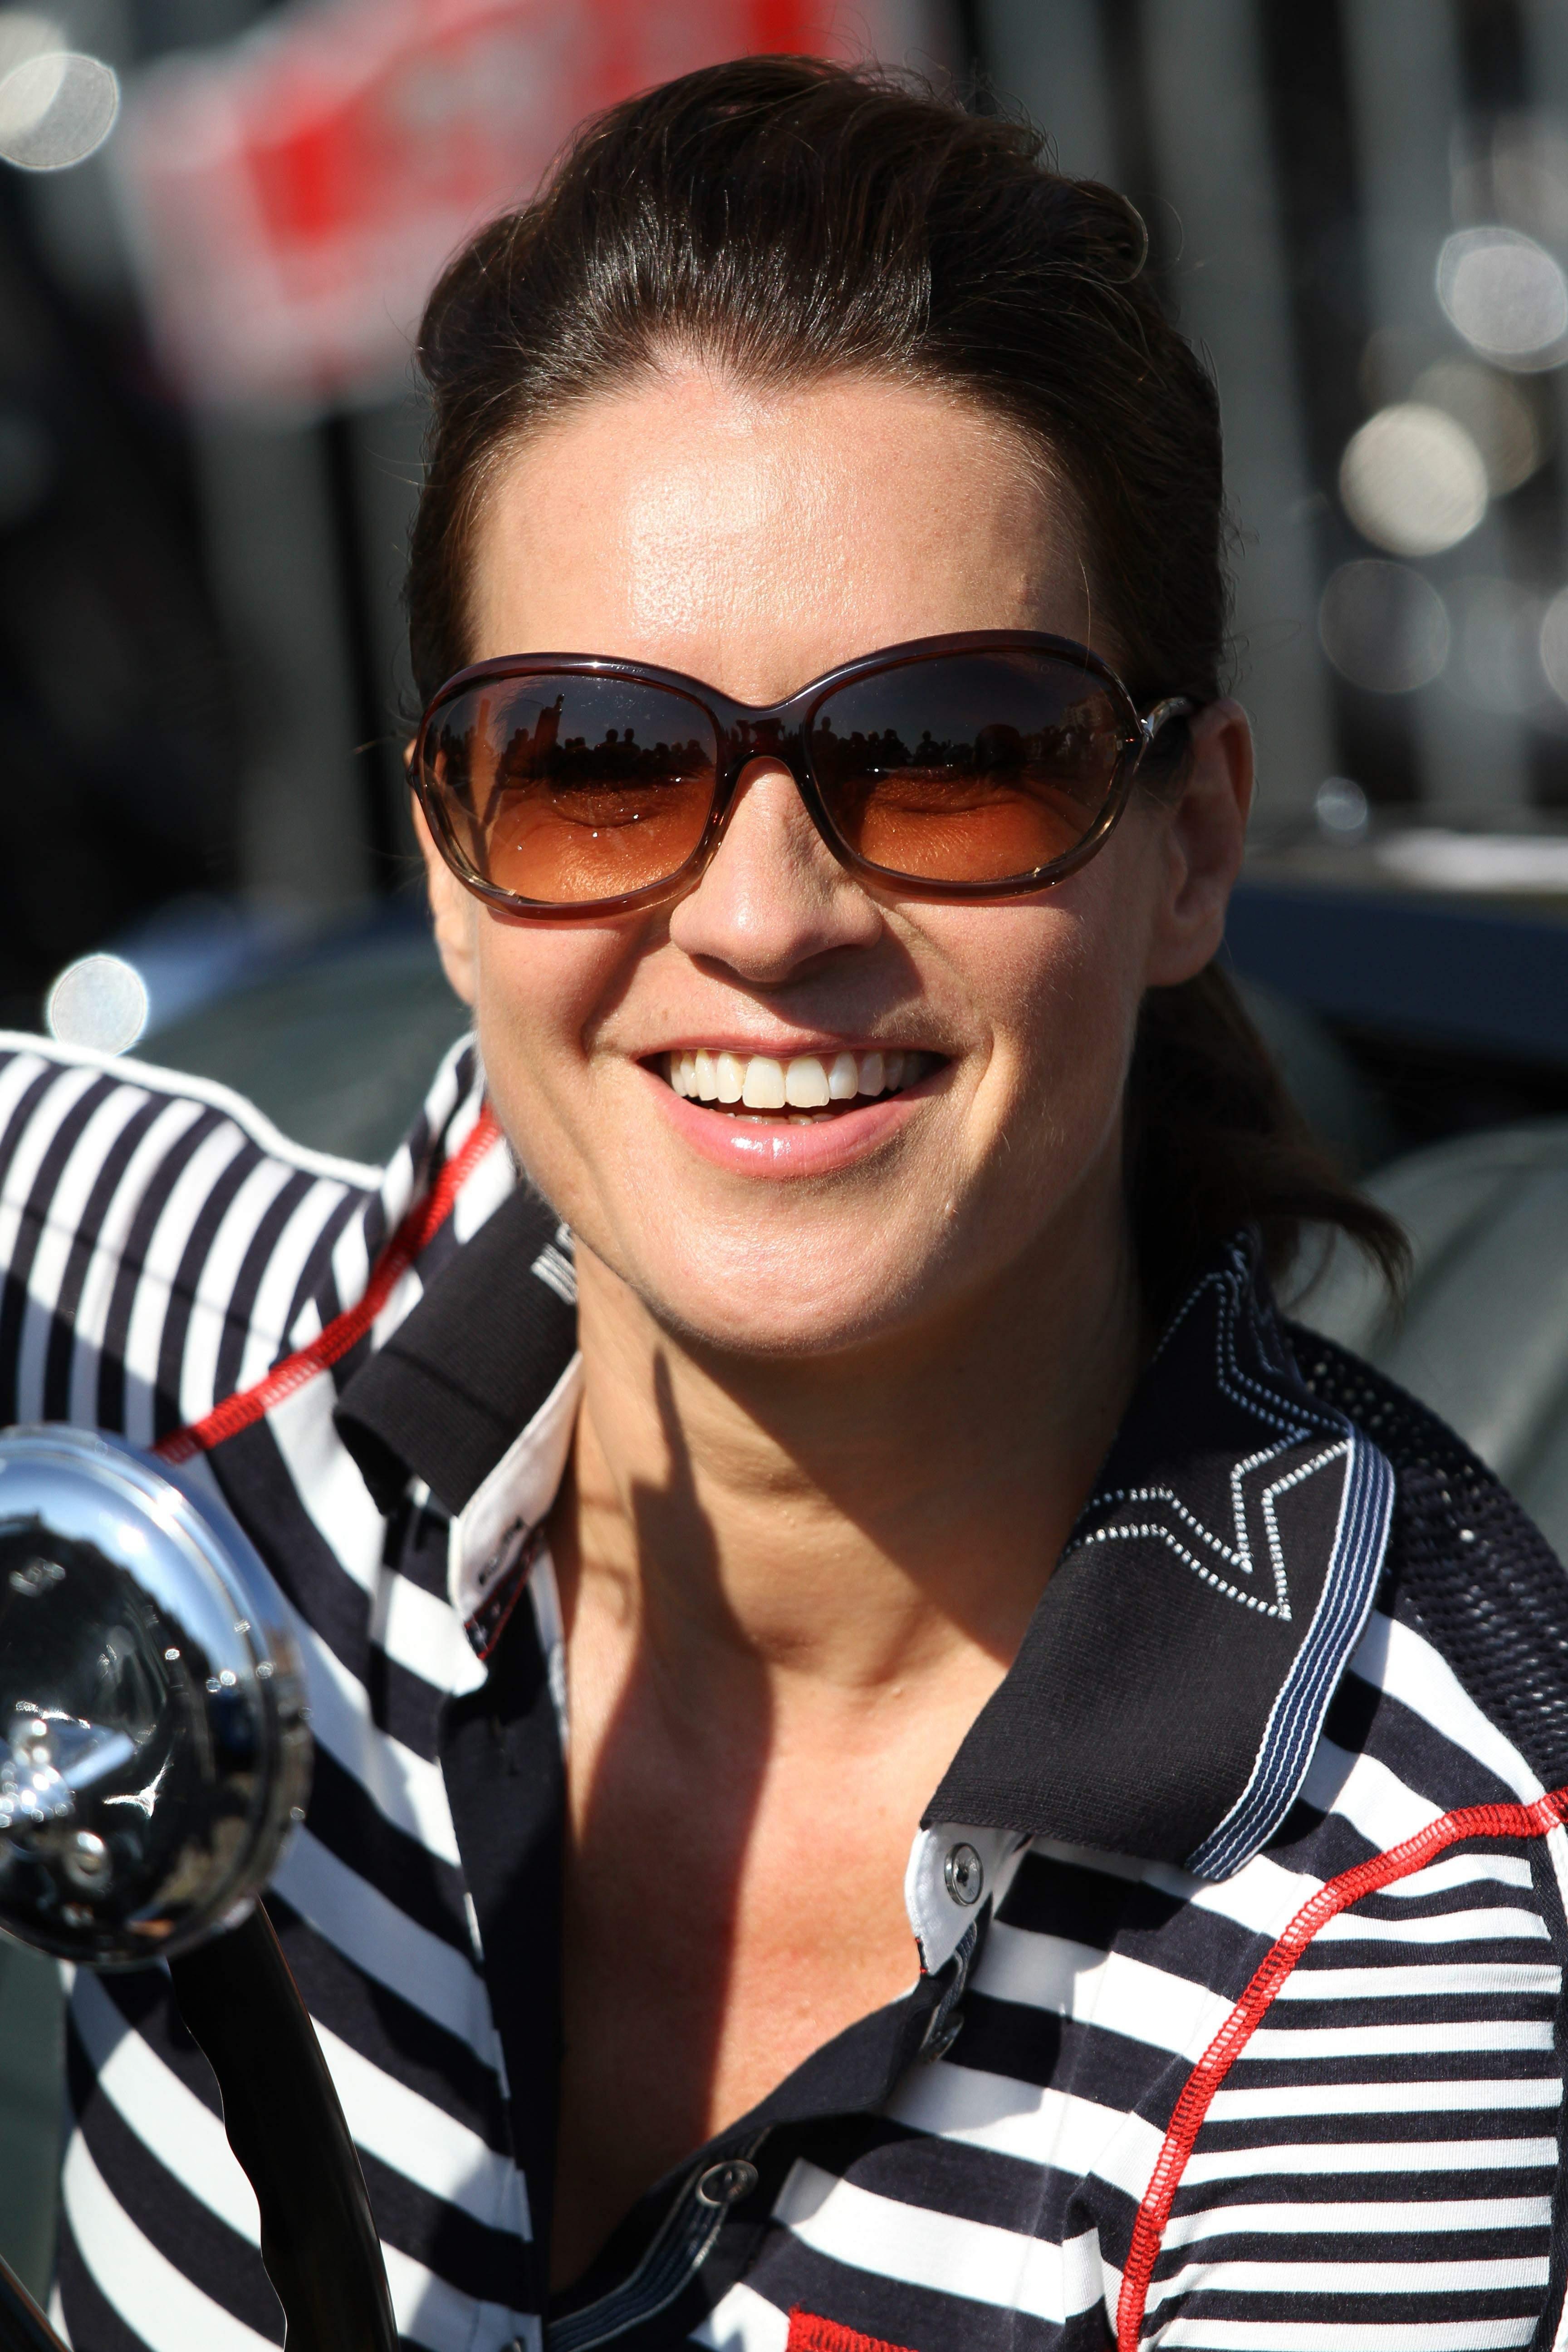 Katarina Witt at the oldtimer car rally Hamburg-Berlin-Klassik August 30, 2014